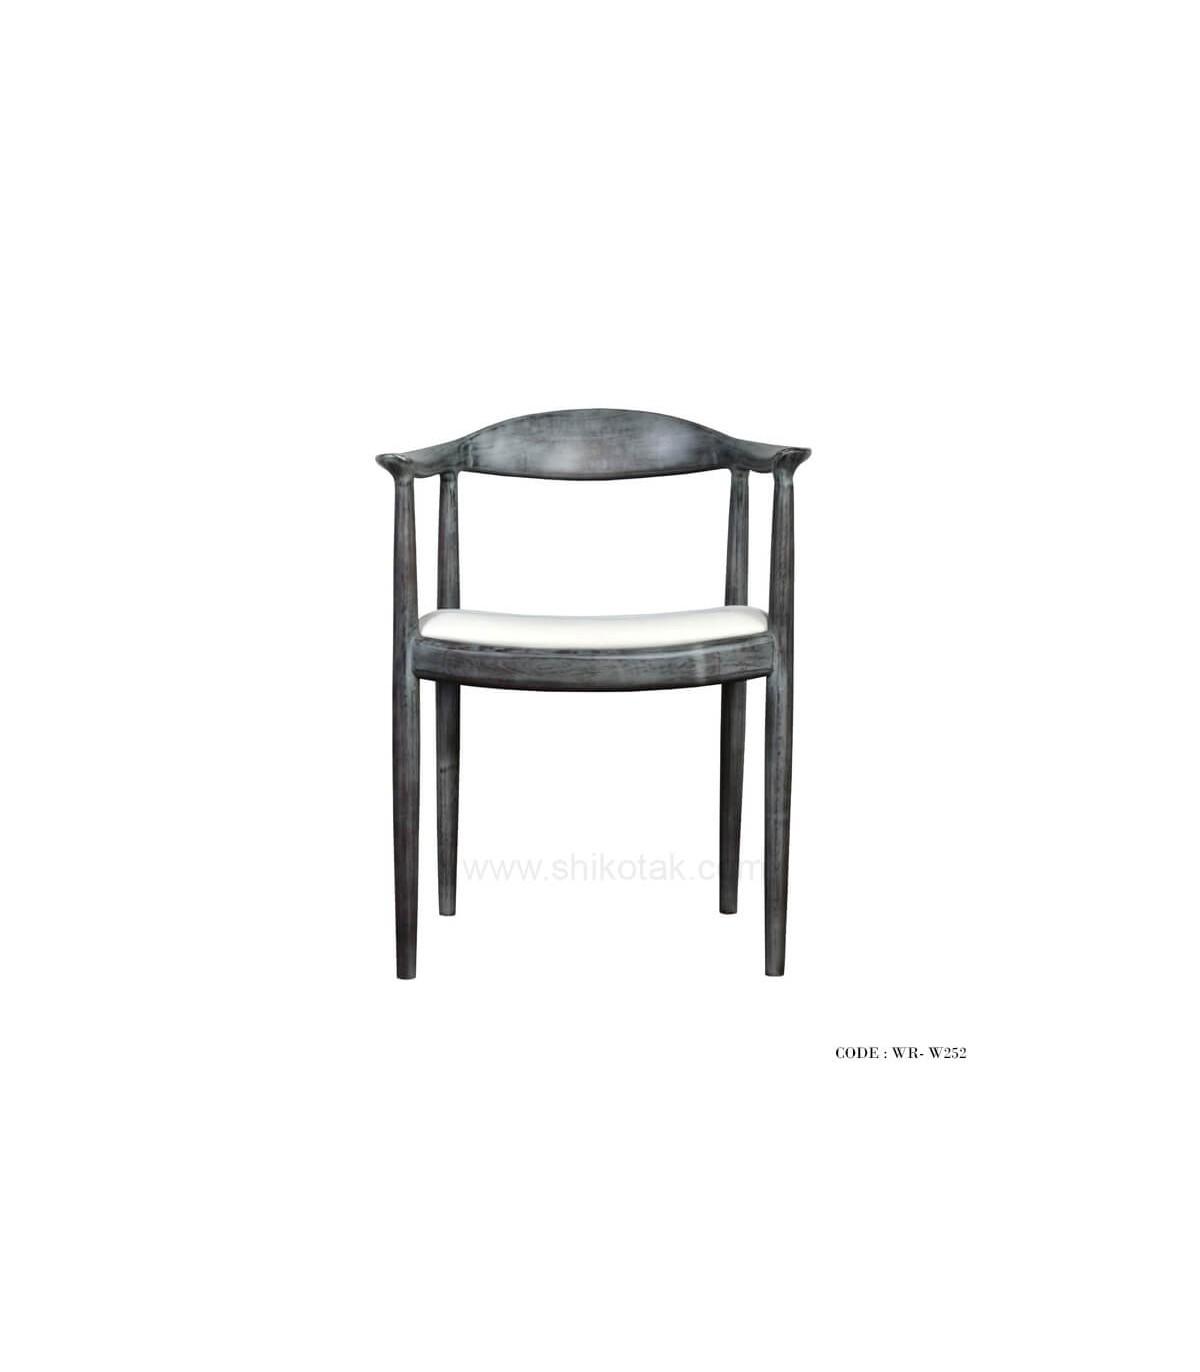 خرید انلاین سرویس میز و صندلی ناهار خوری پایه خراطی شش نفره مدل 249